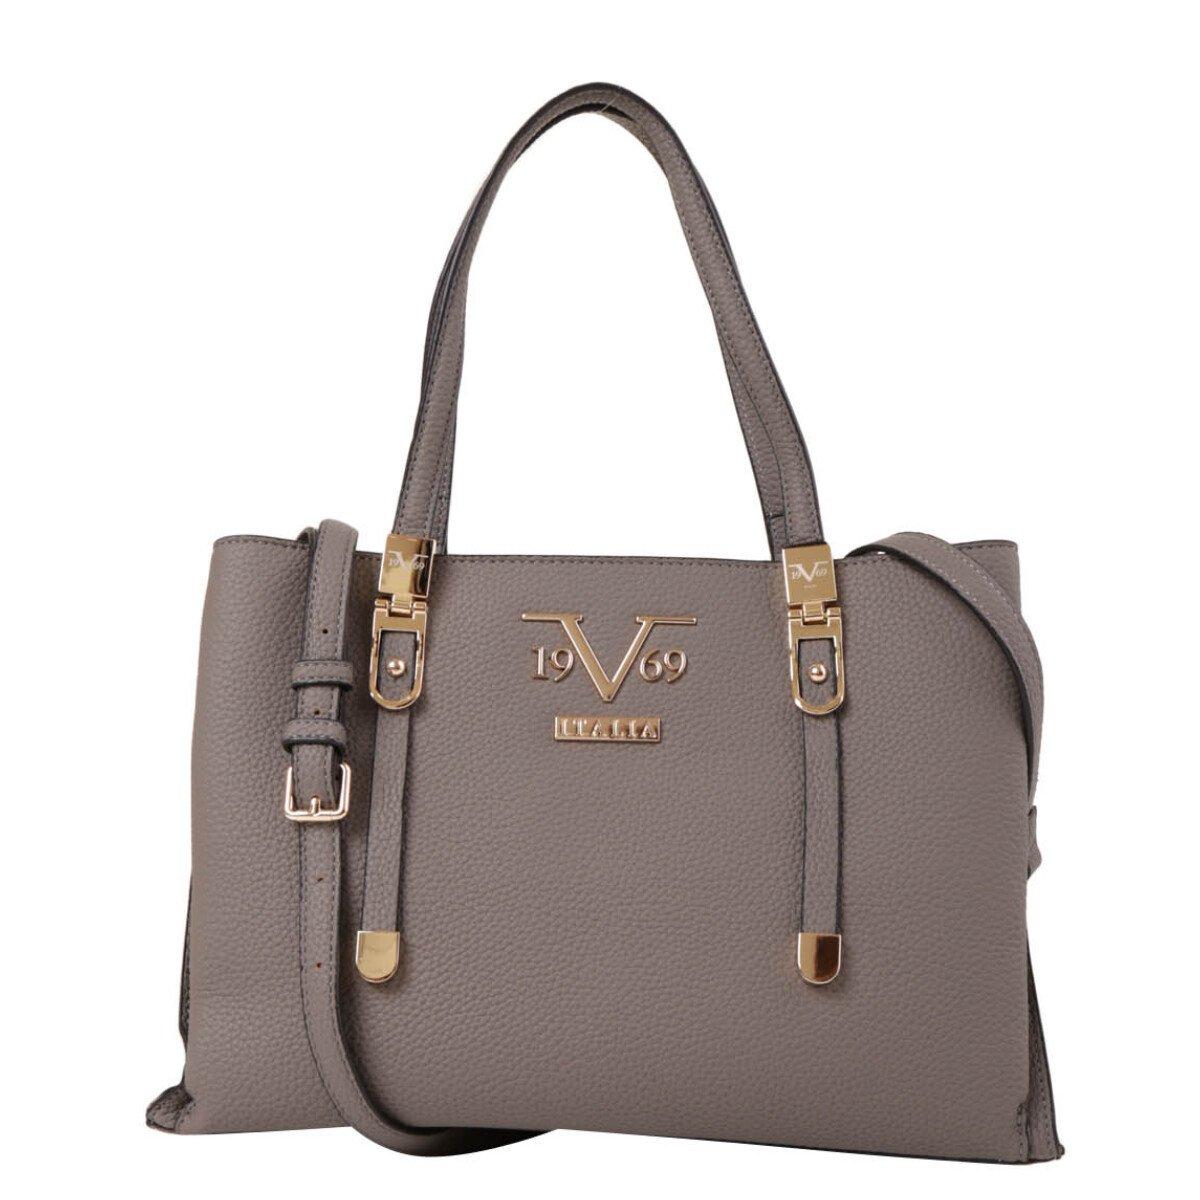 19v69 Italia Women's Handbag Various Colours 318969 - grey UNICA